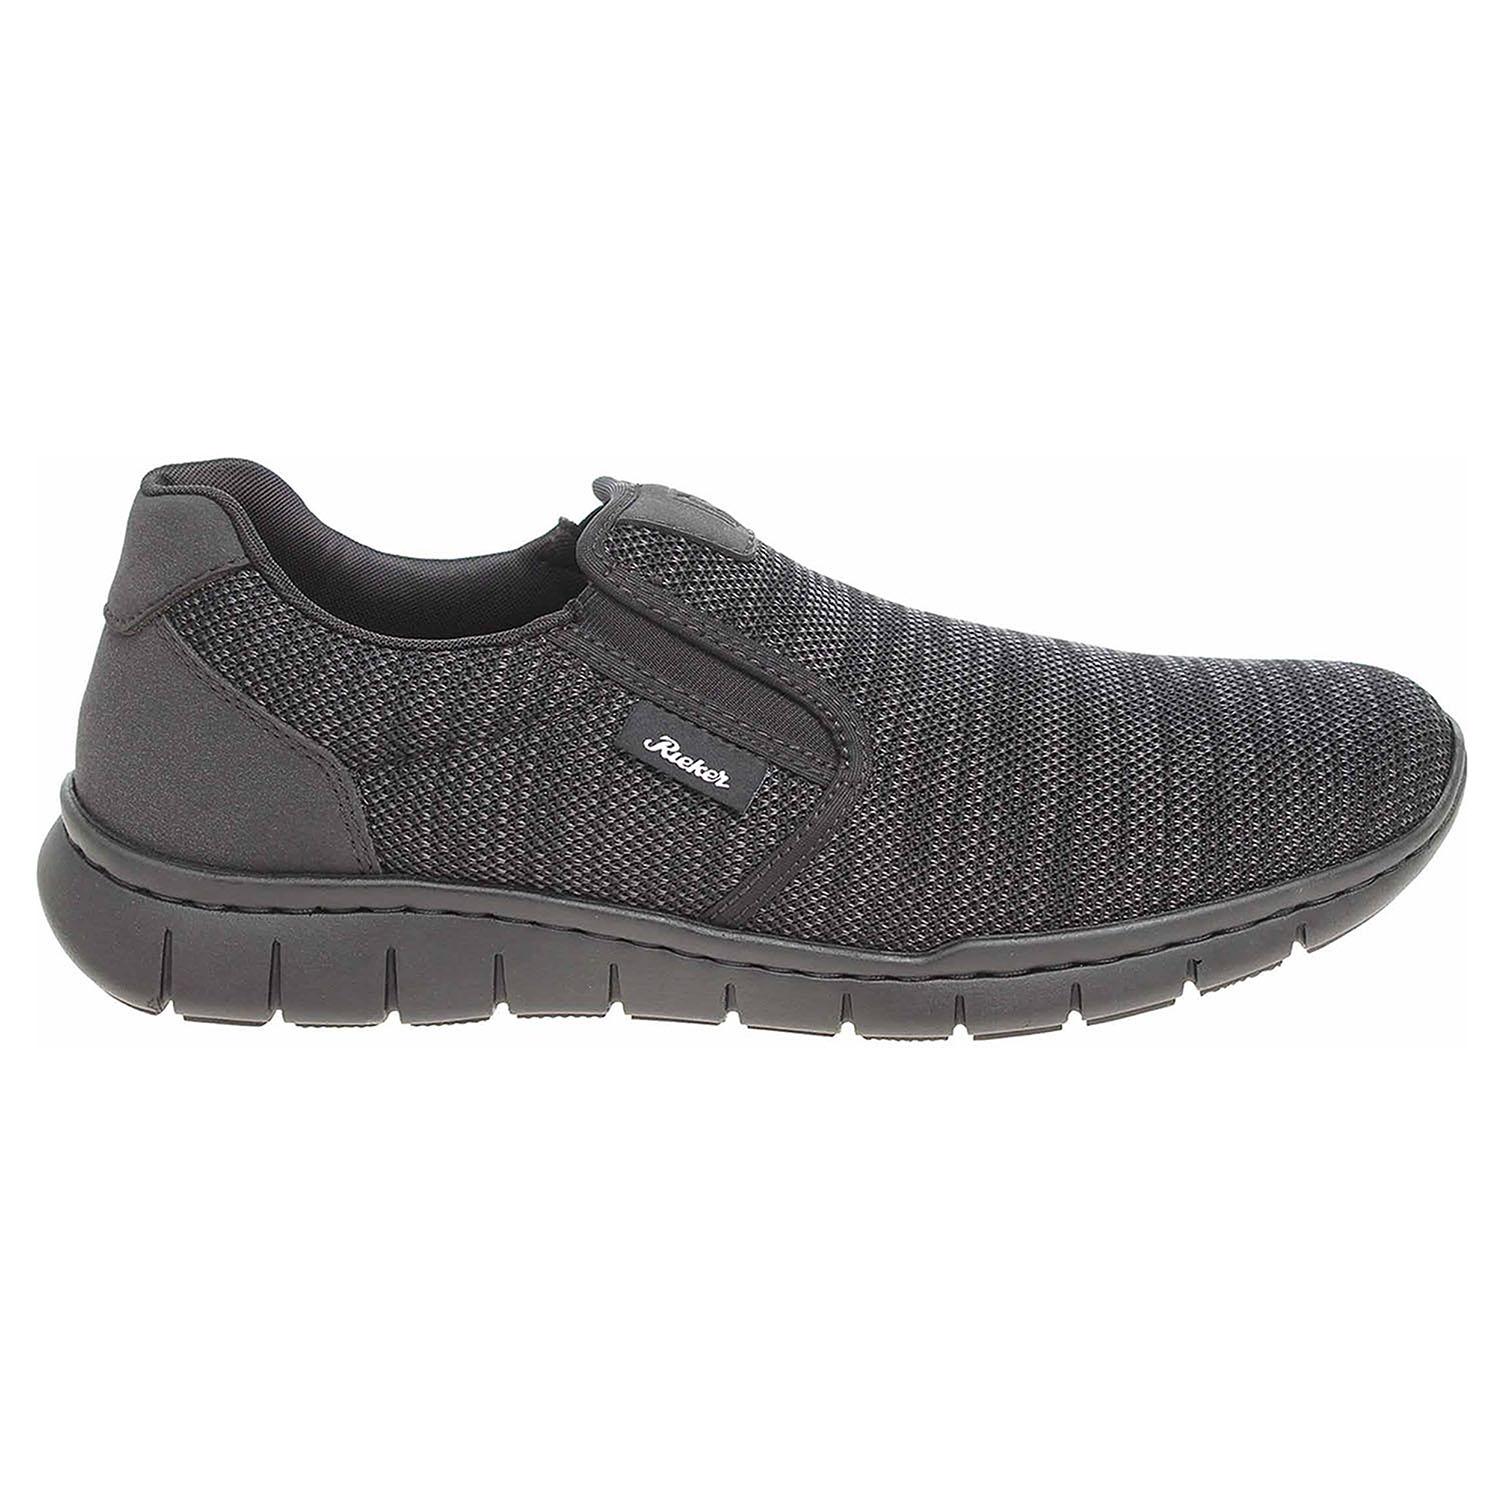 50ce35715ed Rieker pánská obuv B8760-42 grau kombi